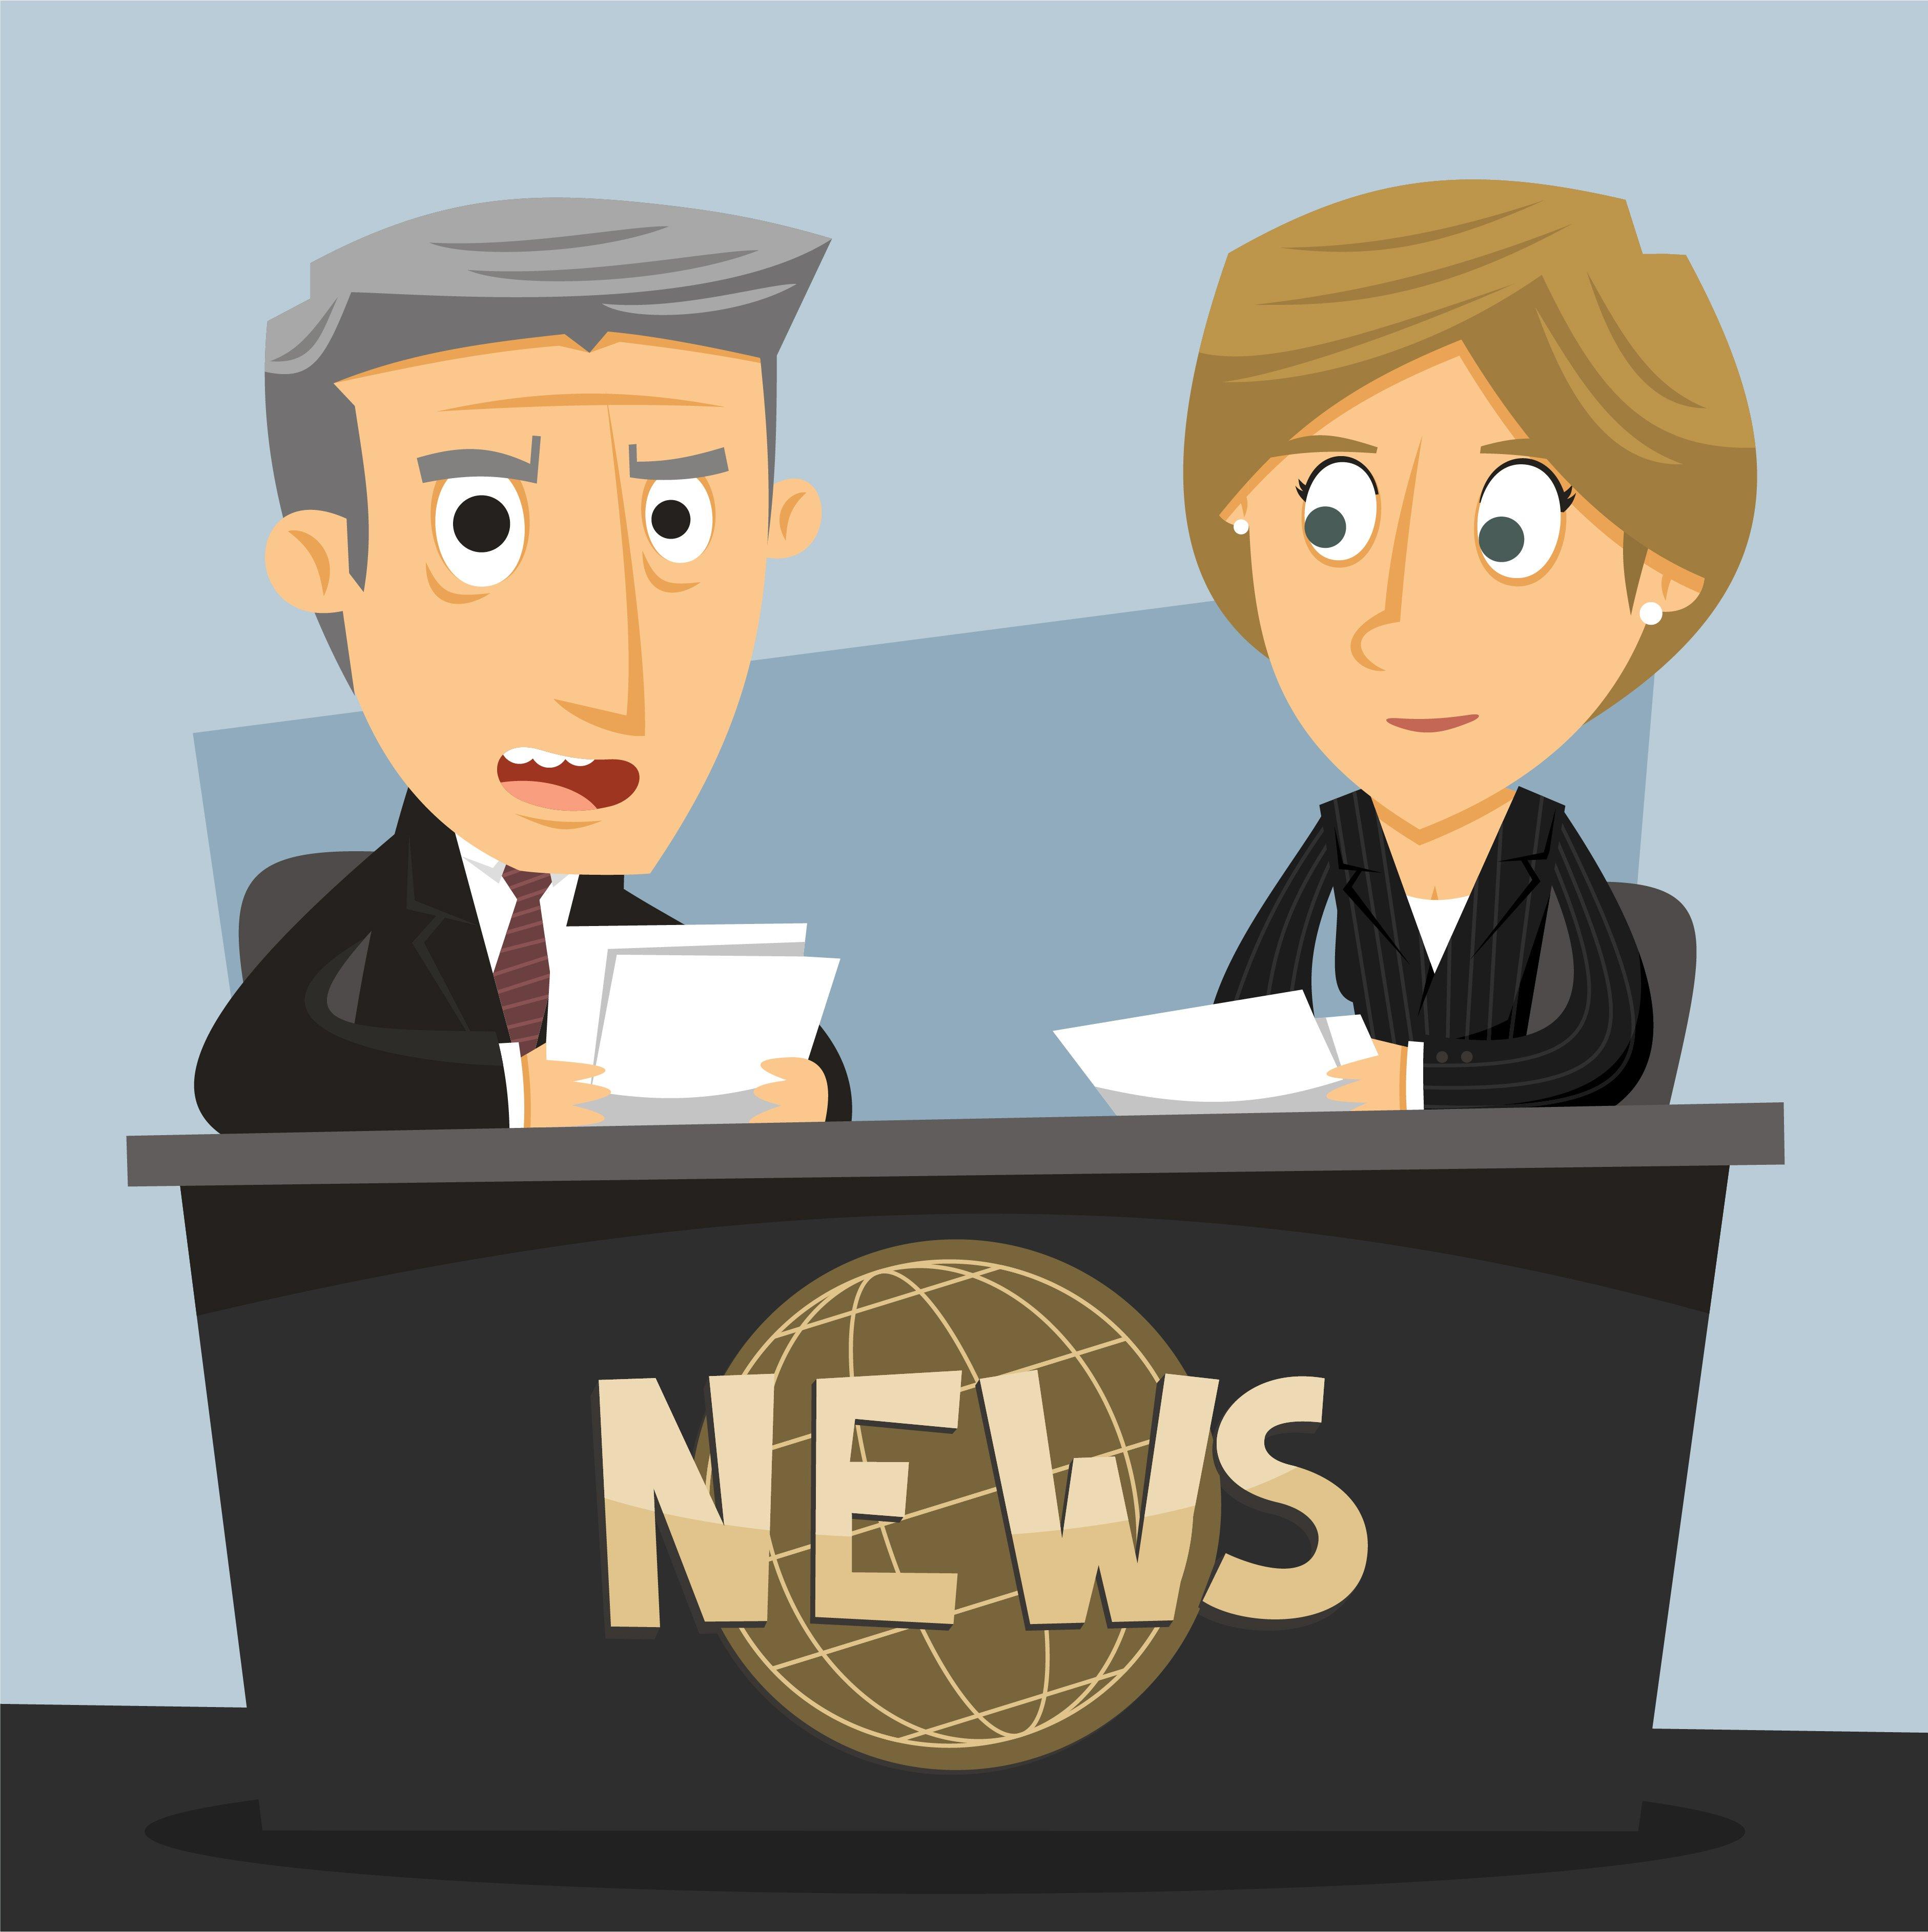 безвозмездное оказание услуг между юридическими лицами налог на прибыль